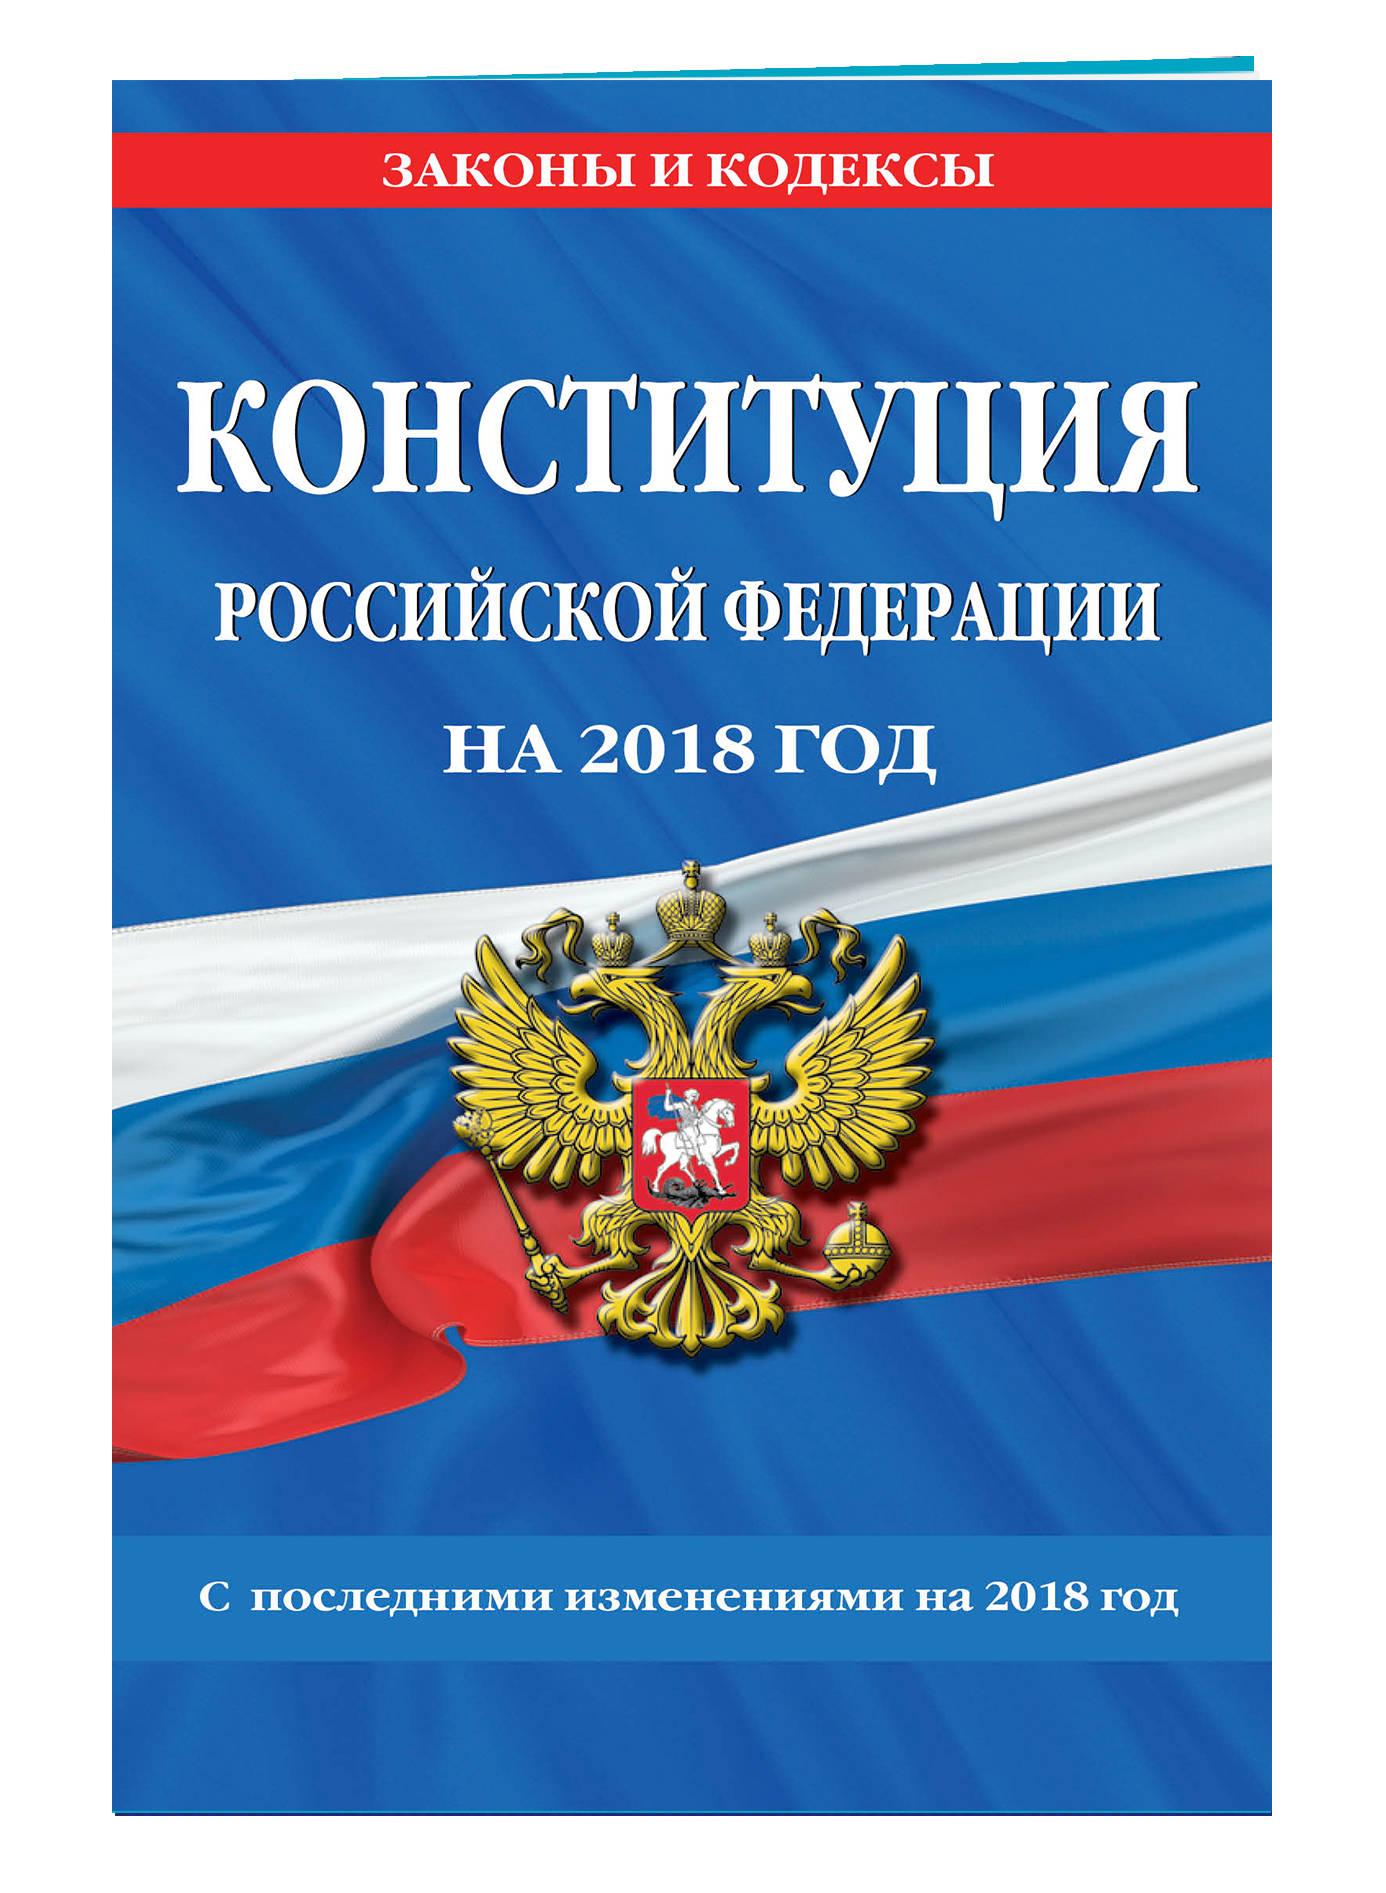 Конституция Российской Федерации со всеми посл. изм. на 2018 г.